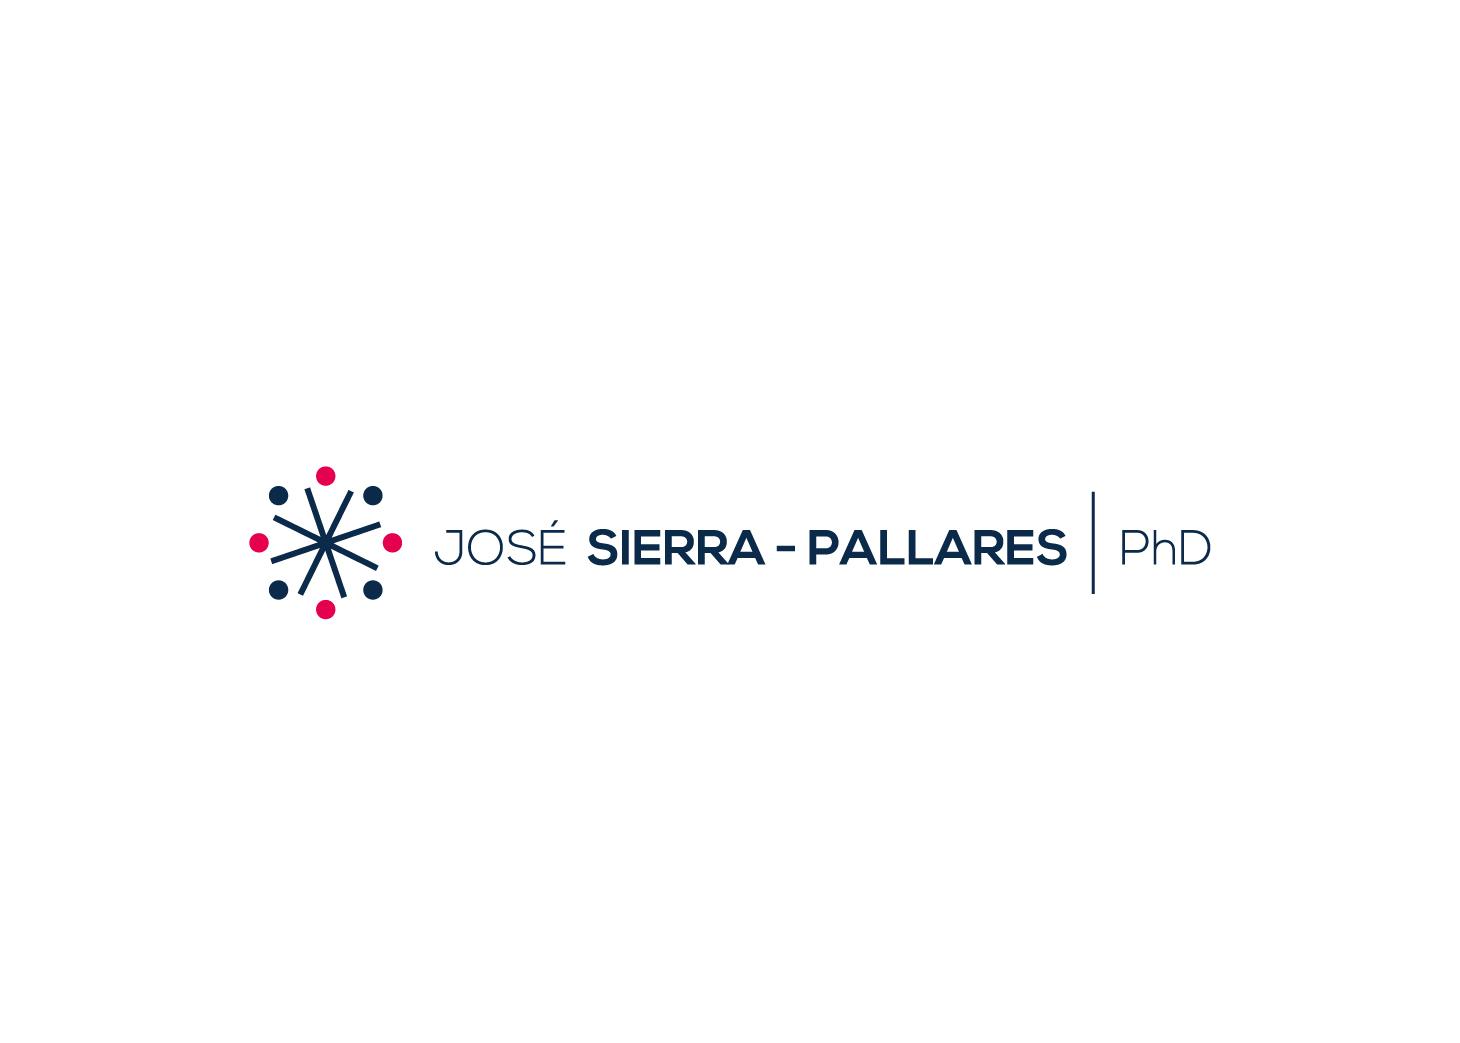 diseño logotipo profesor universidad